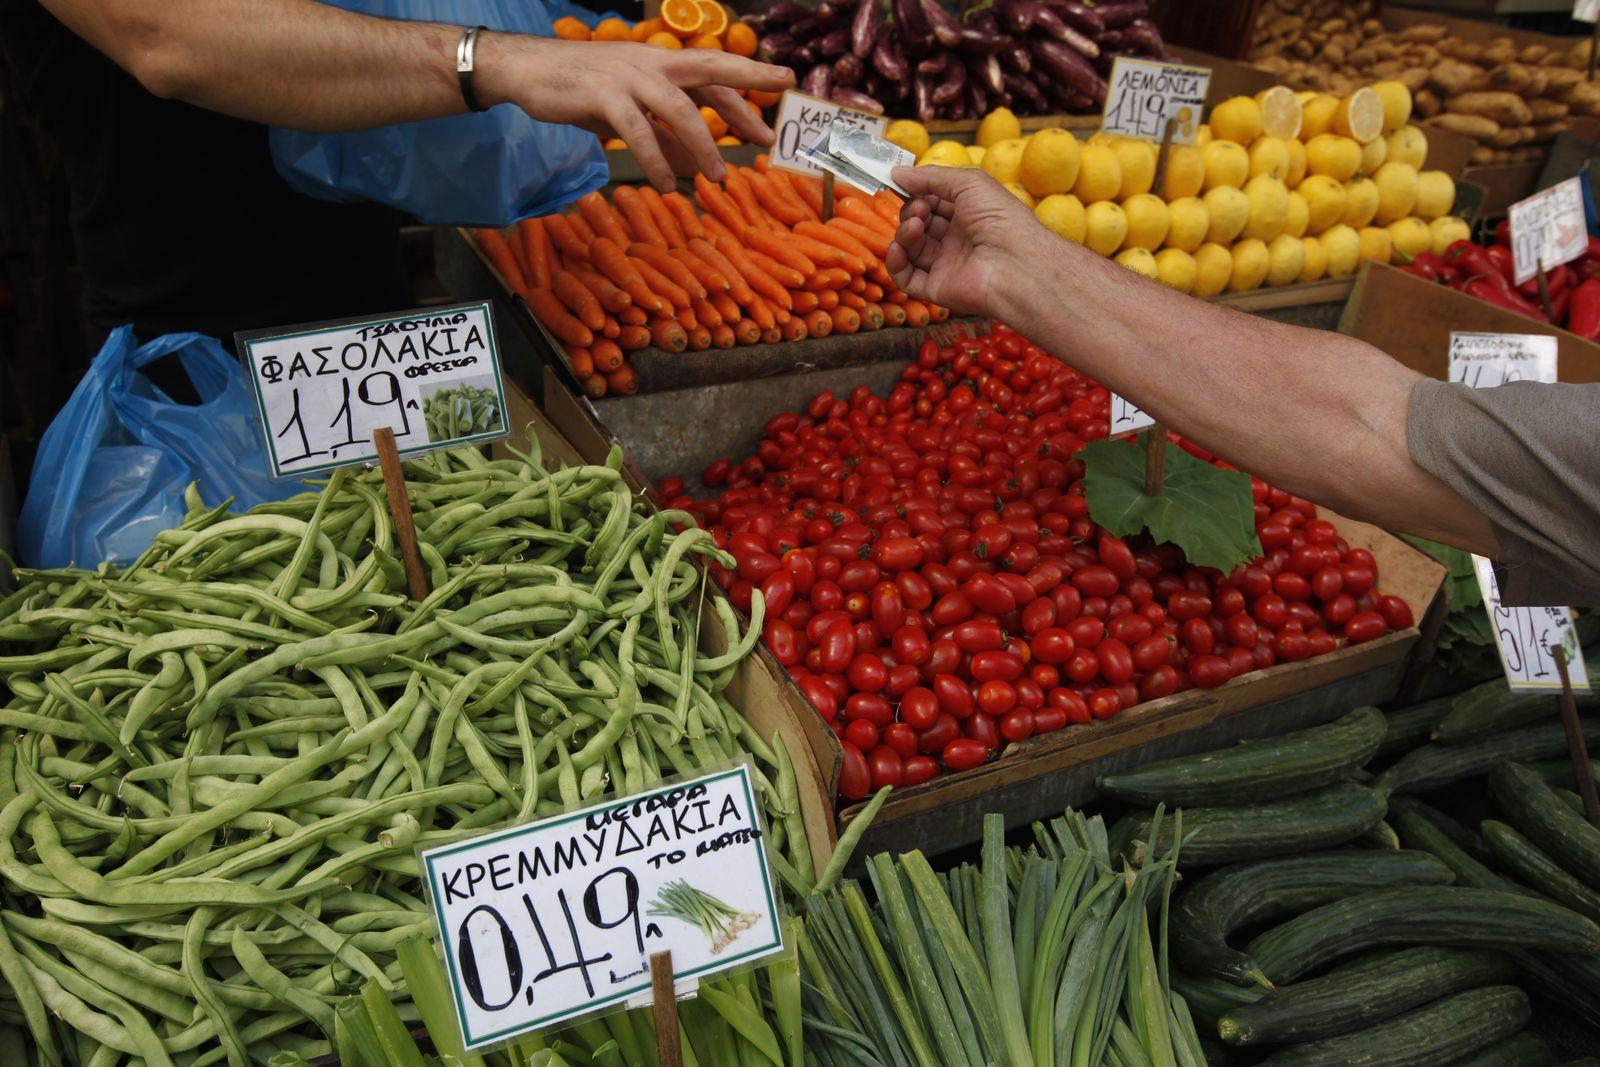 Griechenland / Einkaufen / Markt / Lebensmittel